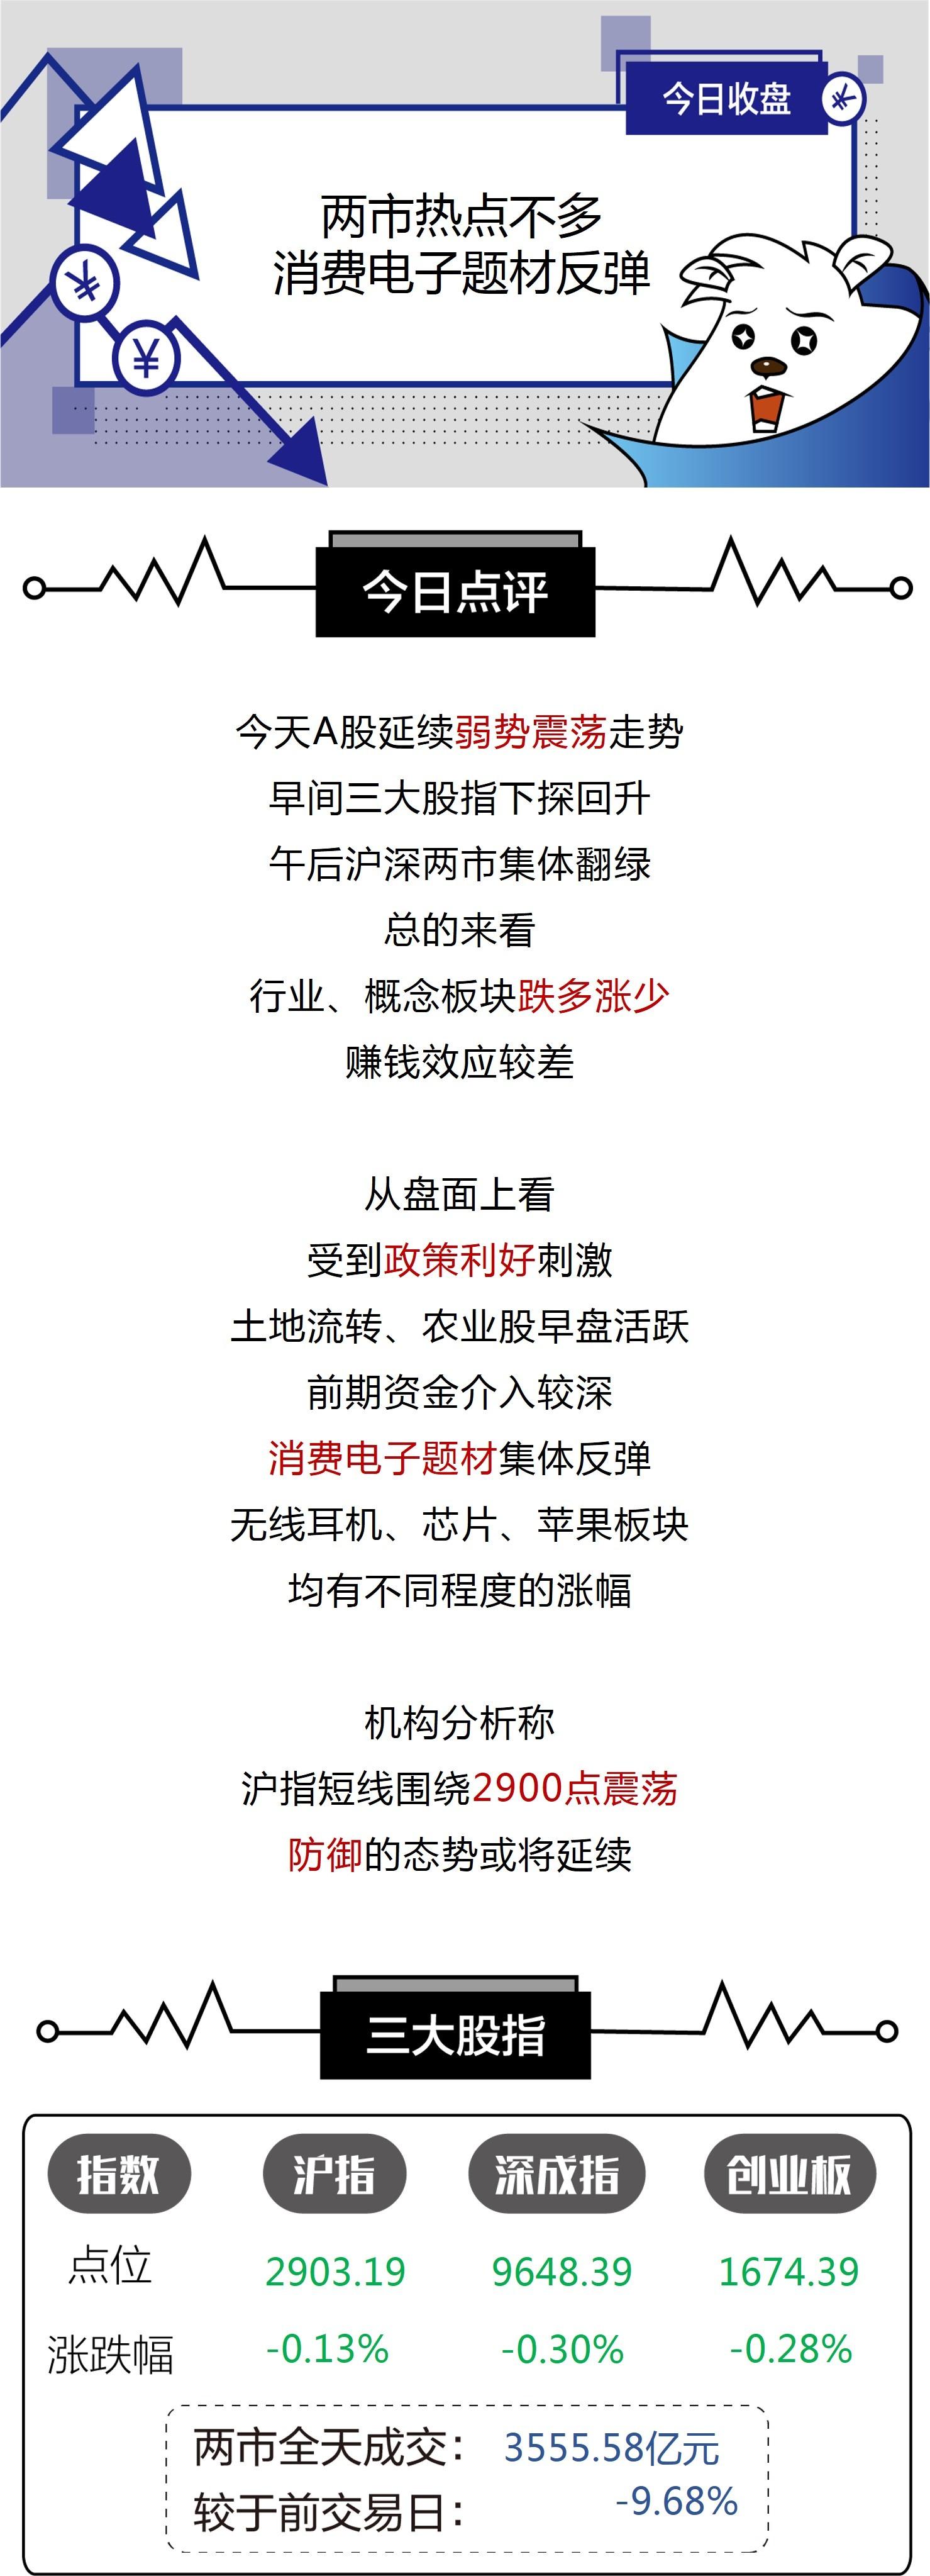 博彩体验38,逆水寒:王思聪被人打的没脾气,再花钱搞到紫禁评分第一武器